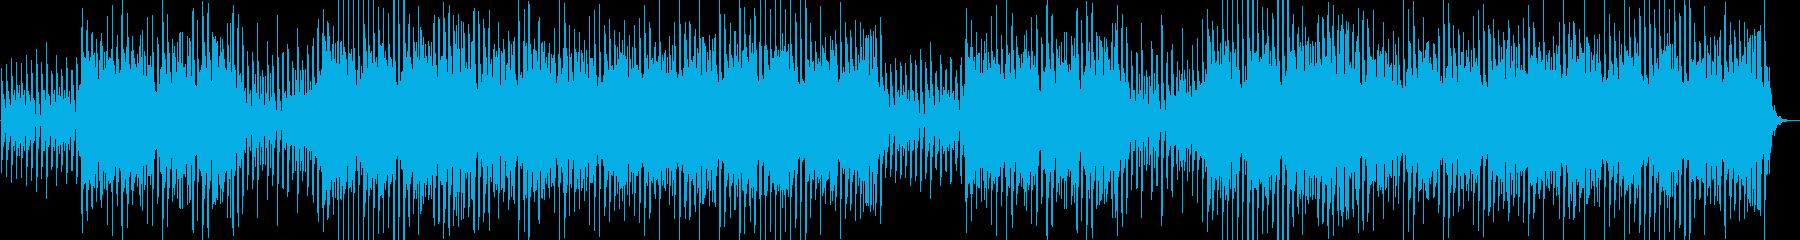 期待感のあるコンセプトムービーBGMの再生済みの波形